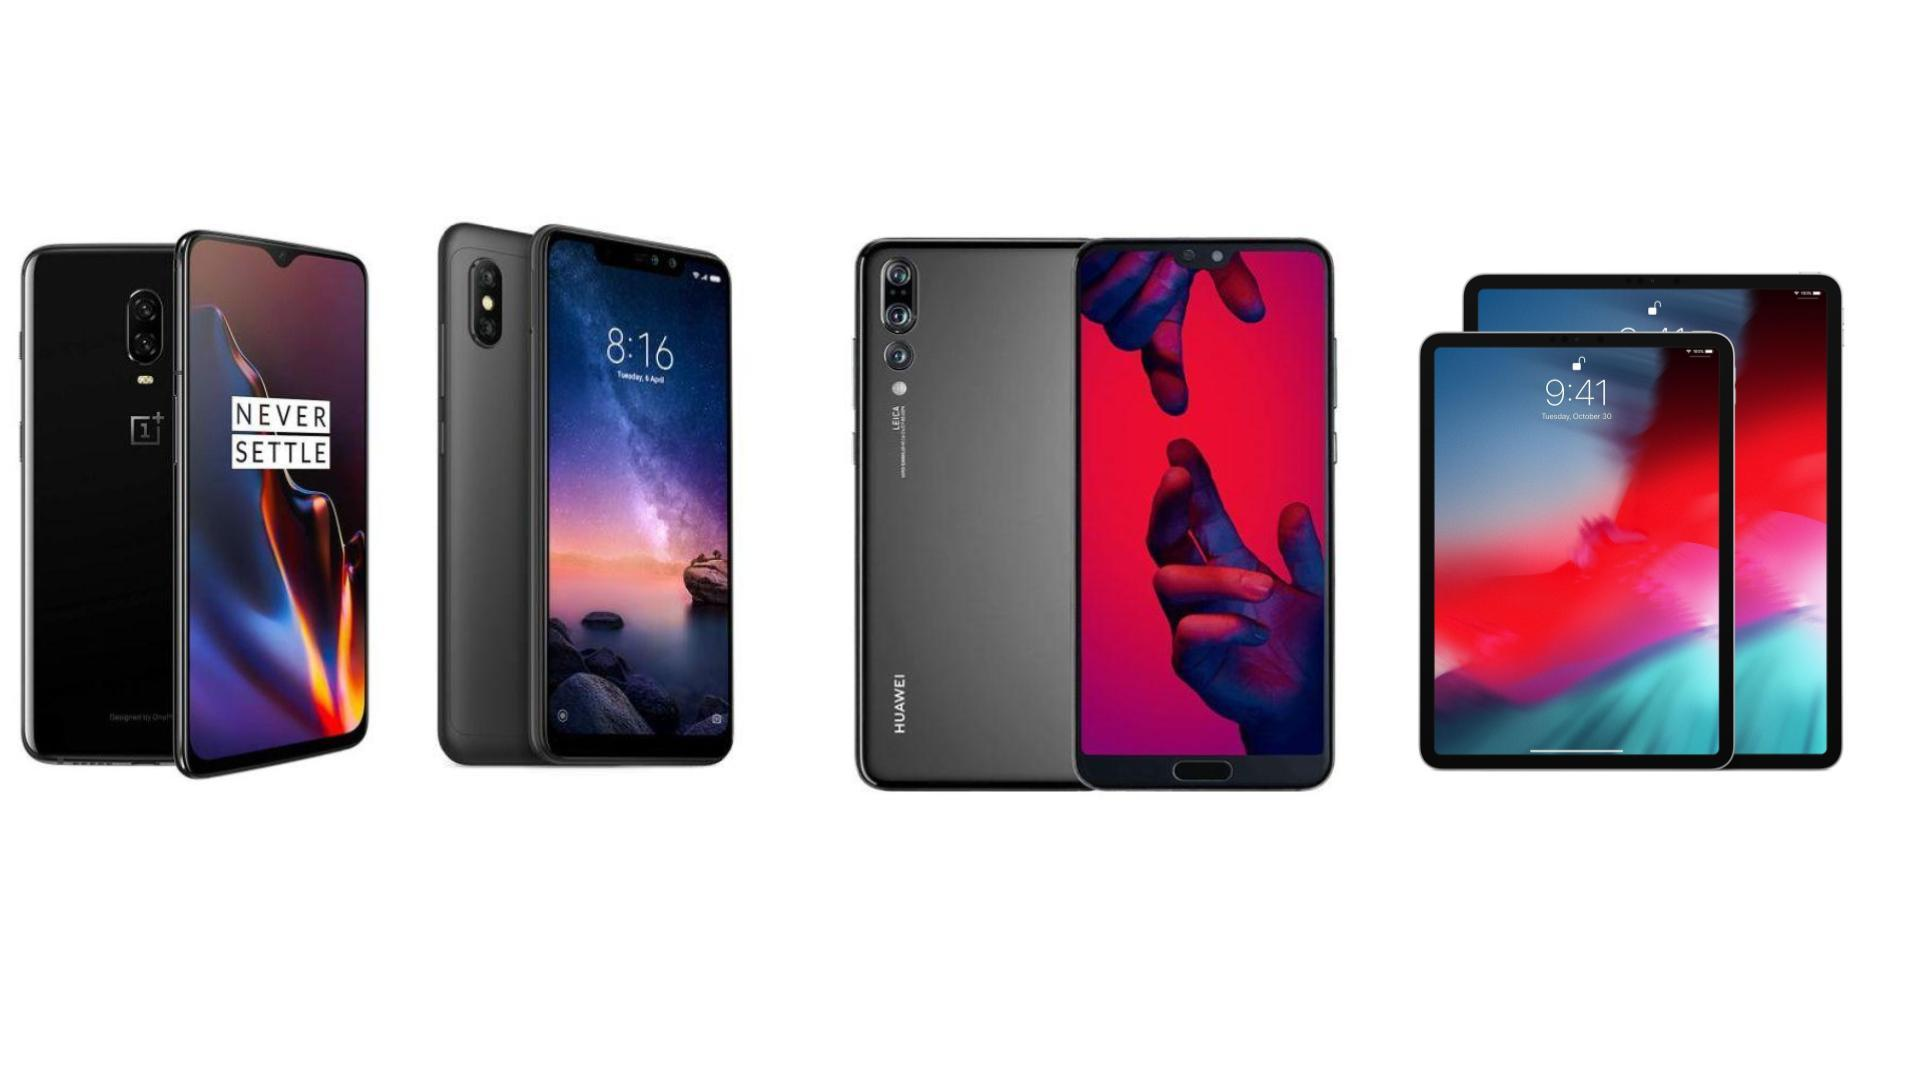 OnePlus 6T à 465 euros, Huawei P20 Pro à 579 euros ou Redmi Note 6 Pro à 149 euros : c'est la journée des bonnes affaires sur Rakuten !